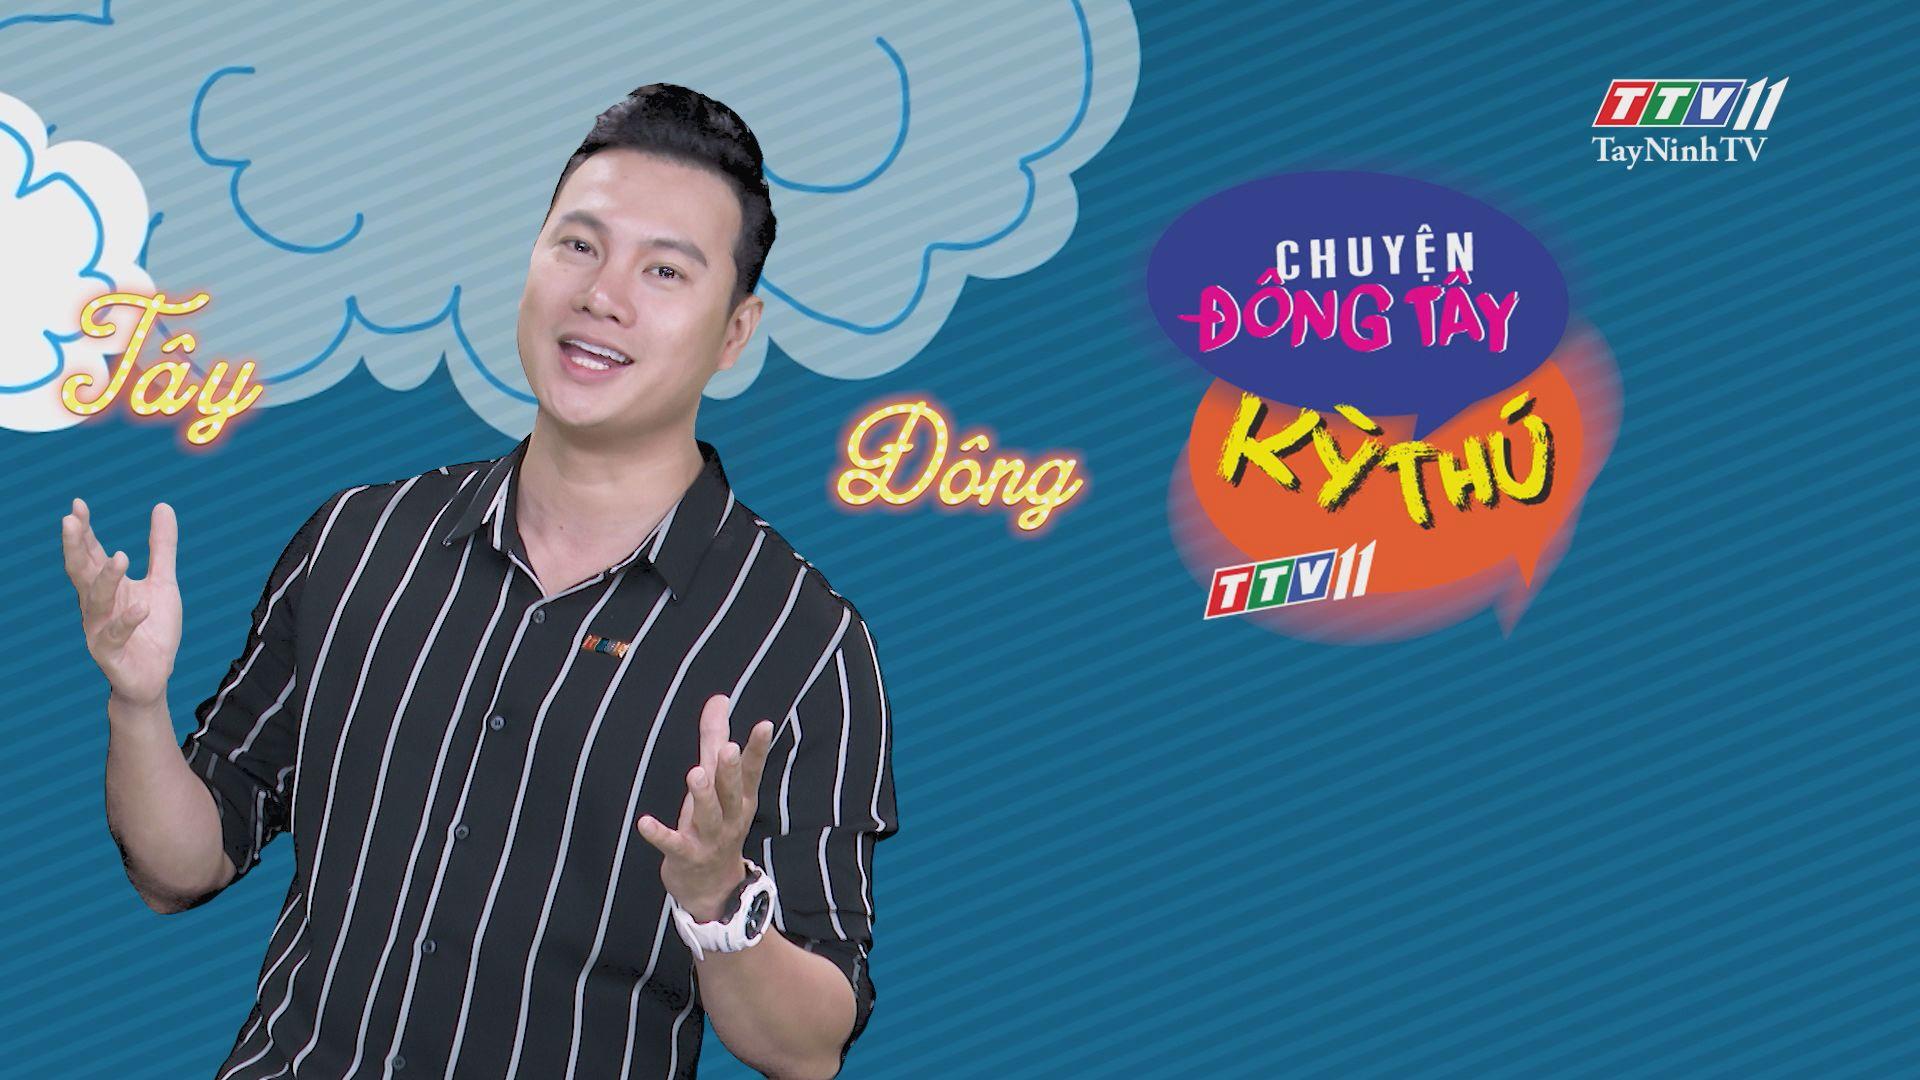 Chuyện Đông Tây Kỳ Thú 24-7-2020 | TayNinhTV